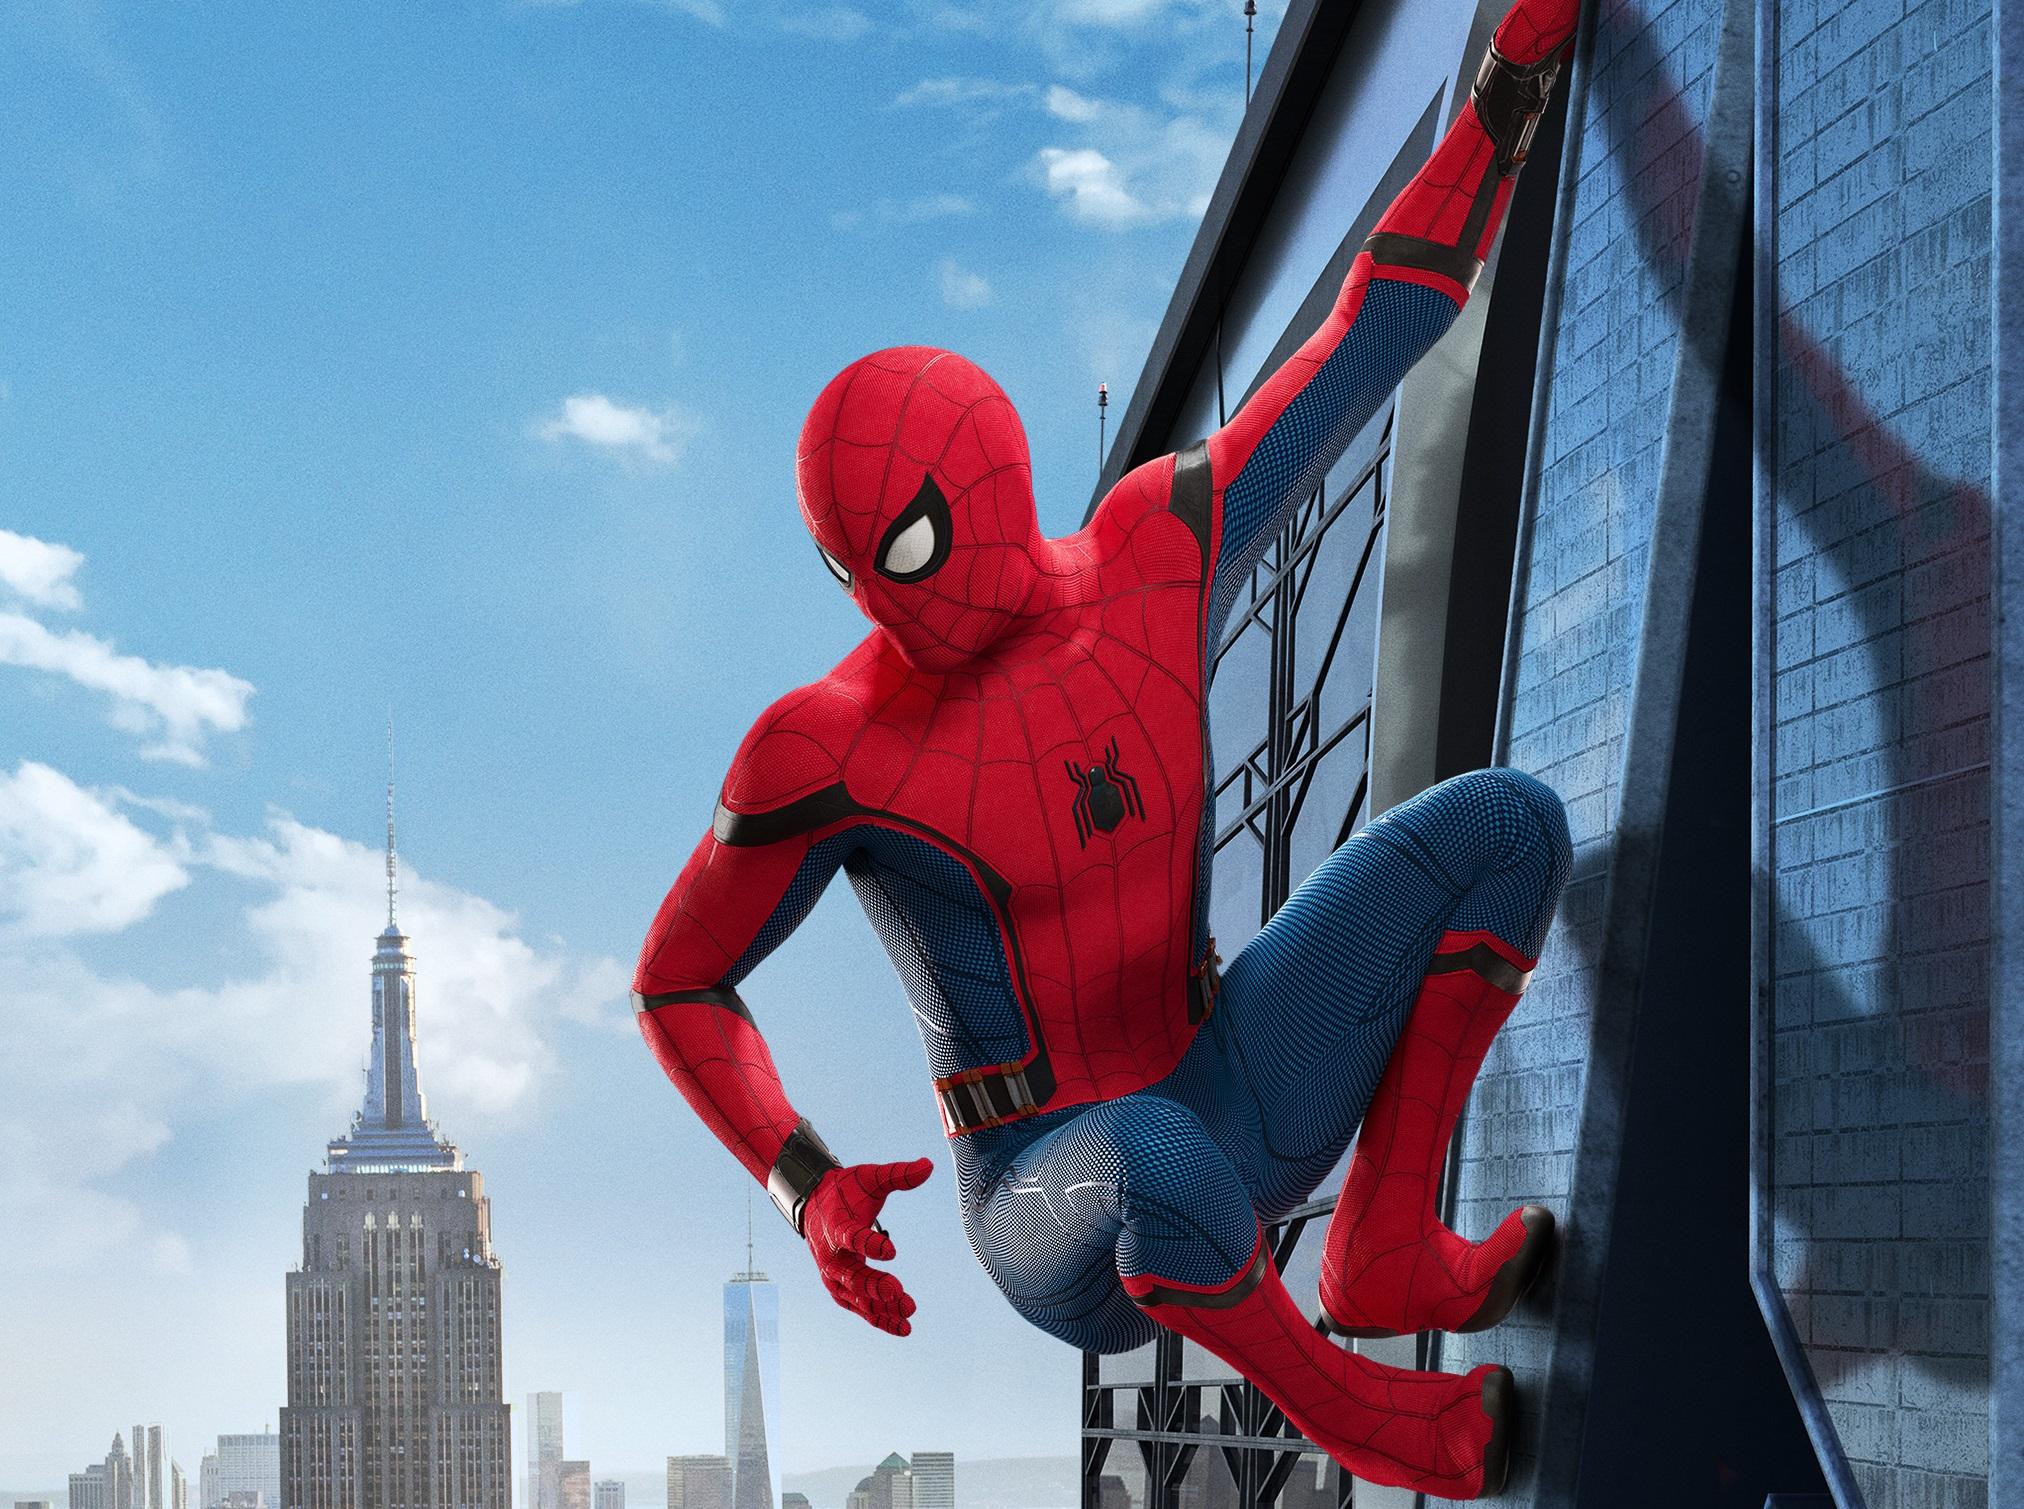 ¡Tenemos un nuevo trailer de Spider-Man: Homecoming!